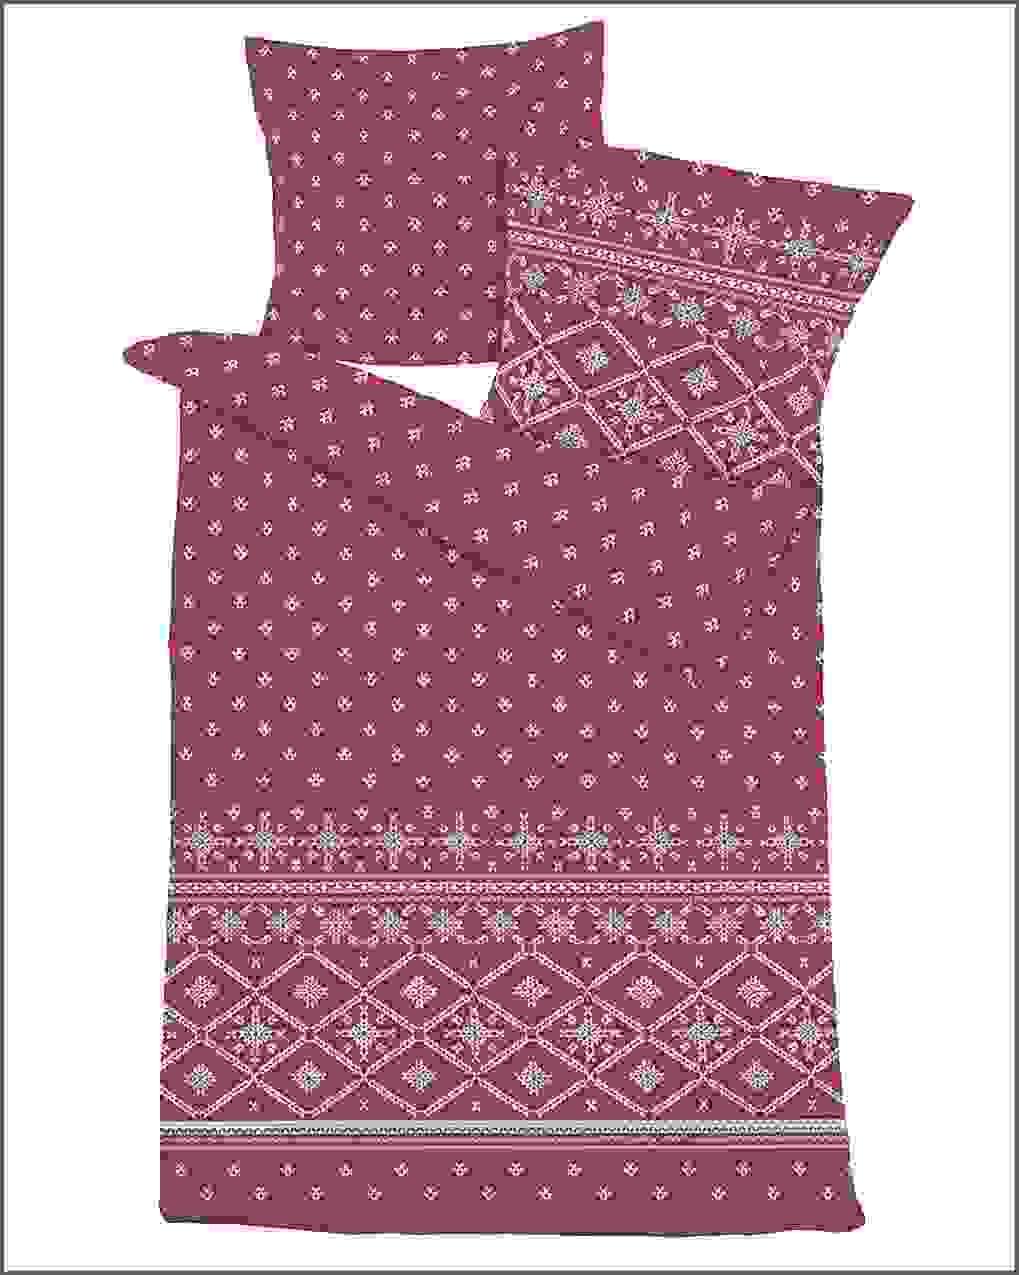 Neueste 40 Bettwäsche Plüsch Konzept  Die Idee Eines Bettes von Qvc Badizio Plüschtrikot Bettwäsche Photo